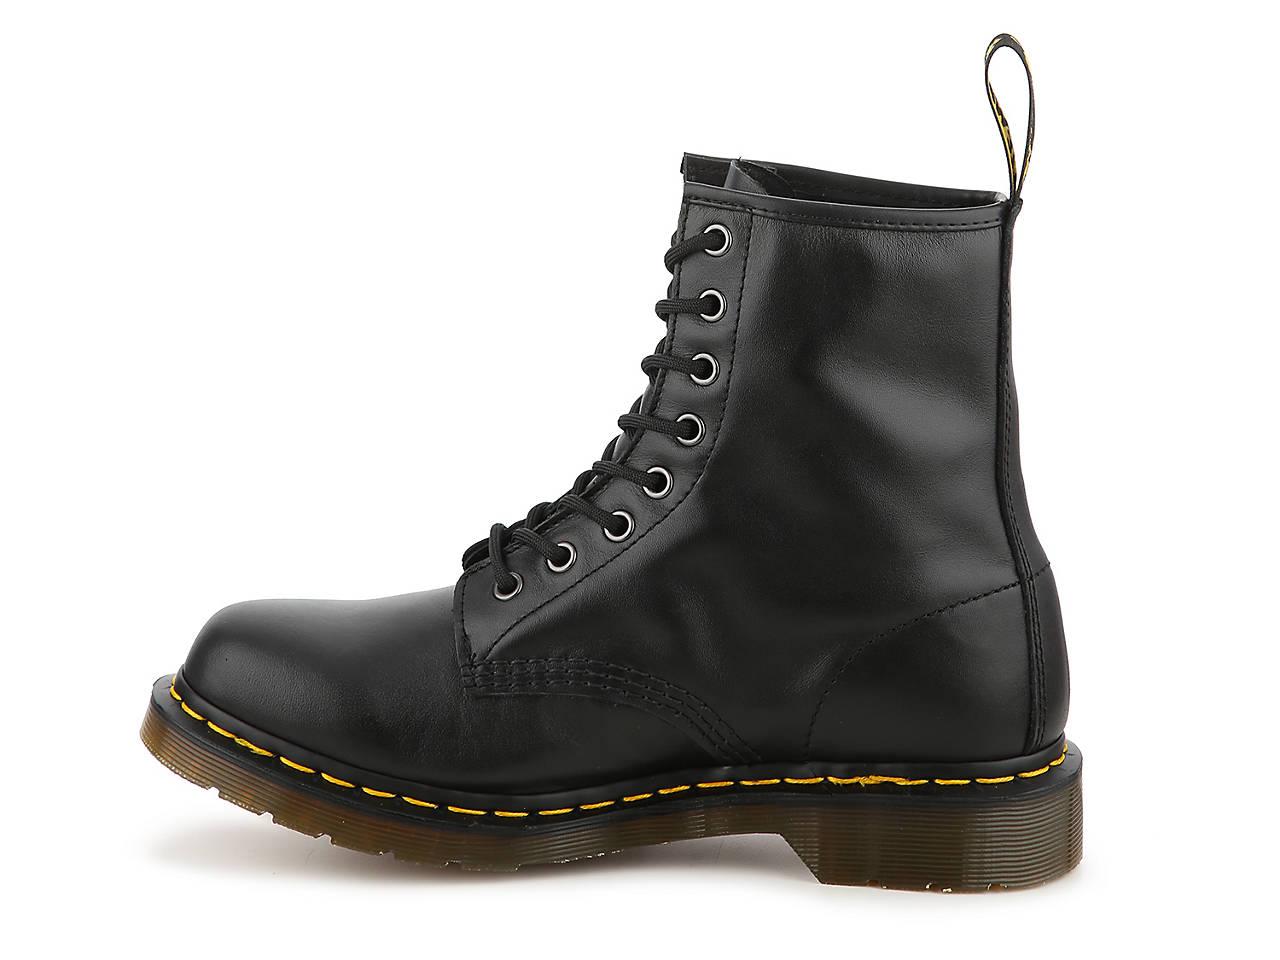 Dr. Martens 1460 Combat Boot Women s Shoes  06602365e983